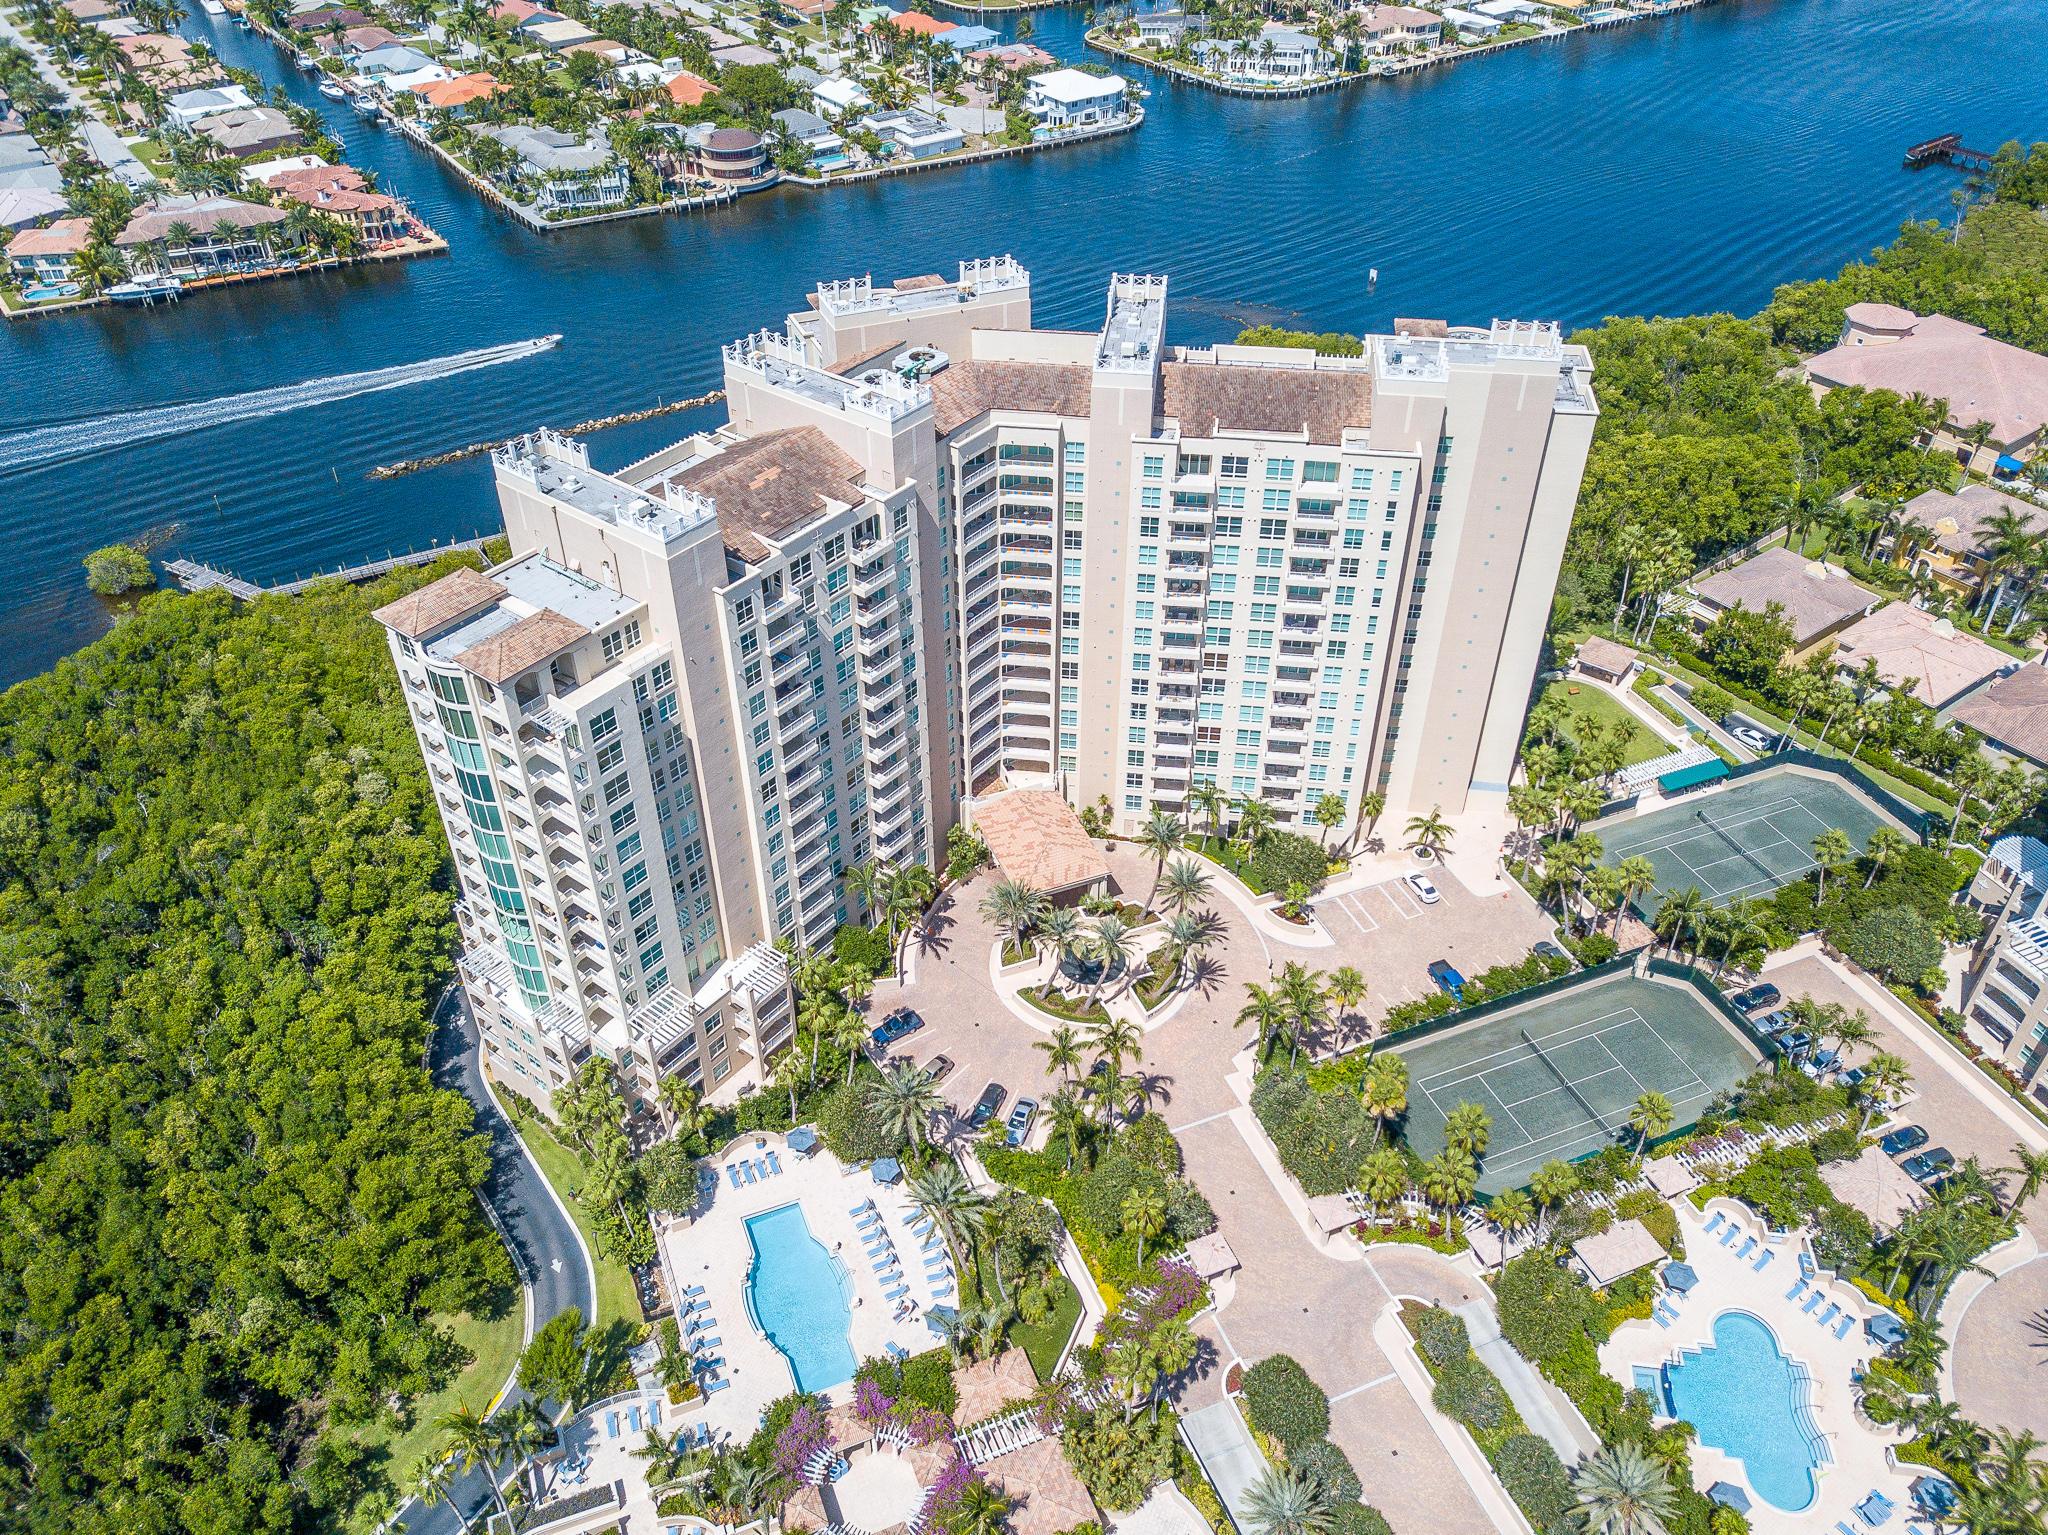 3720 Ocean Boulevard, Highland Beach, Florida 33487, 3 Bedrooms Bedrooms, ,3.1 BathroomsBathrooms,Condo/Coop,For Sale,TOSCANA,Ocean,2,RX-10465997